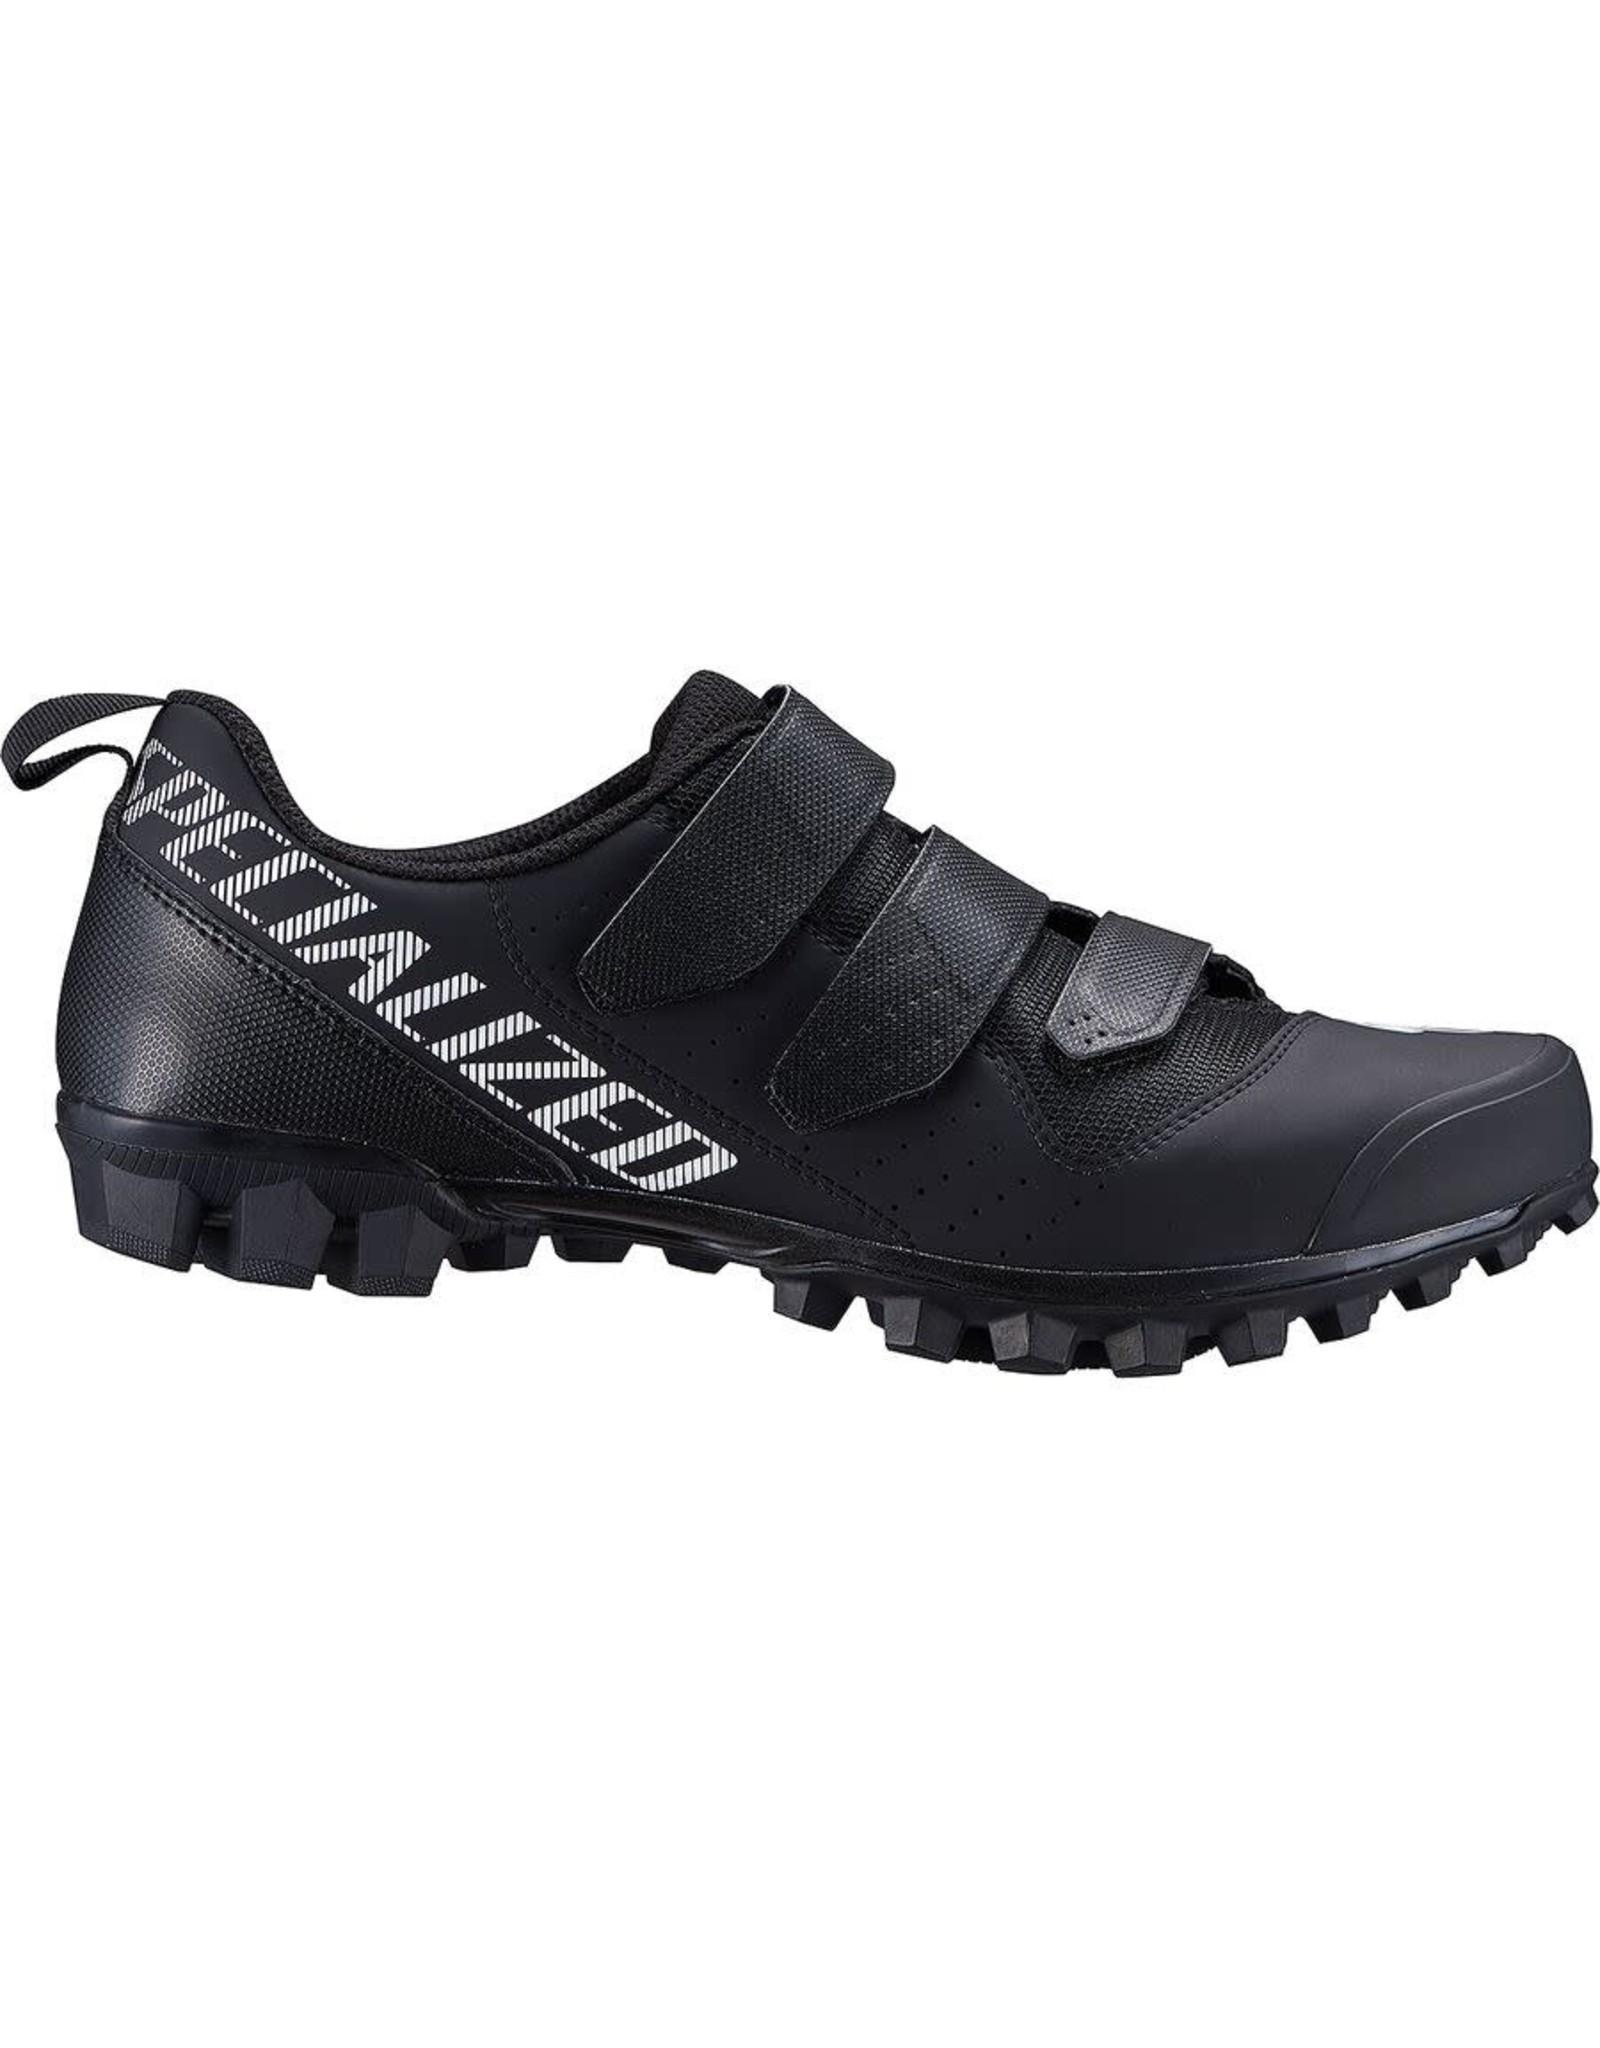 Specialized Shoe Spec Recon 1.0 Blk 46